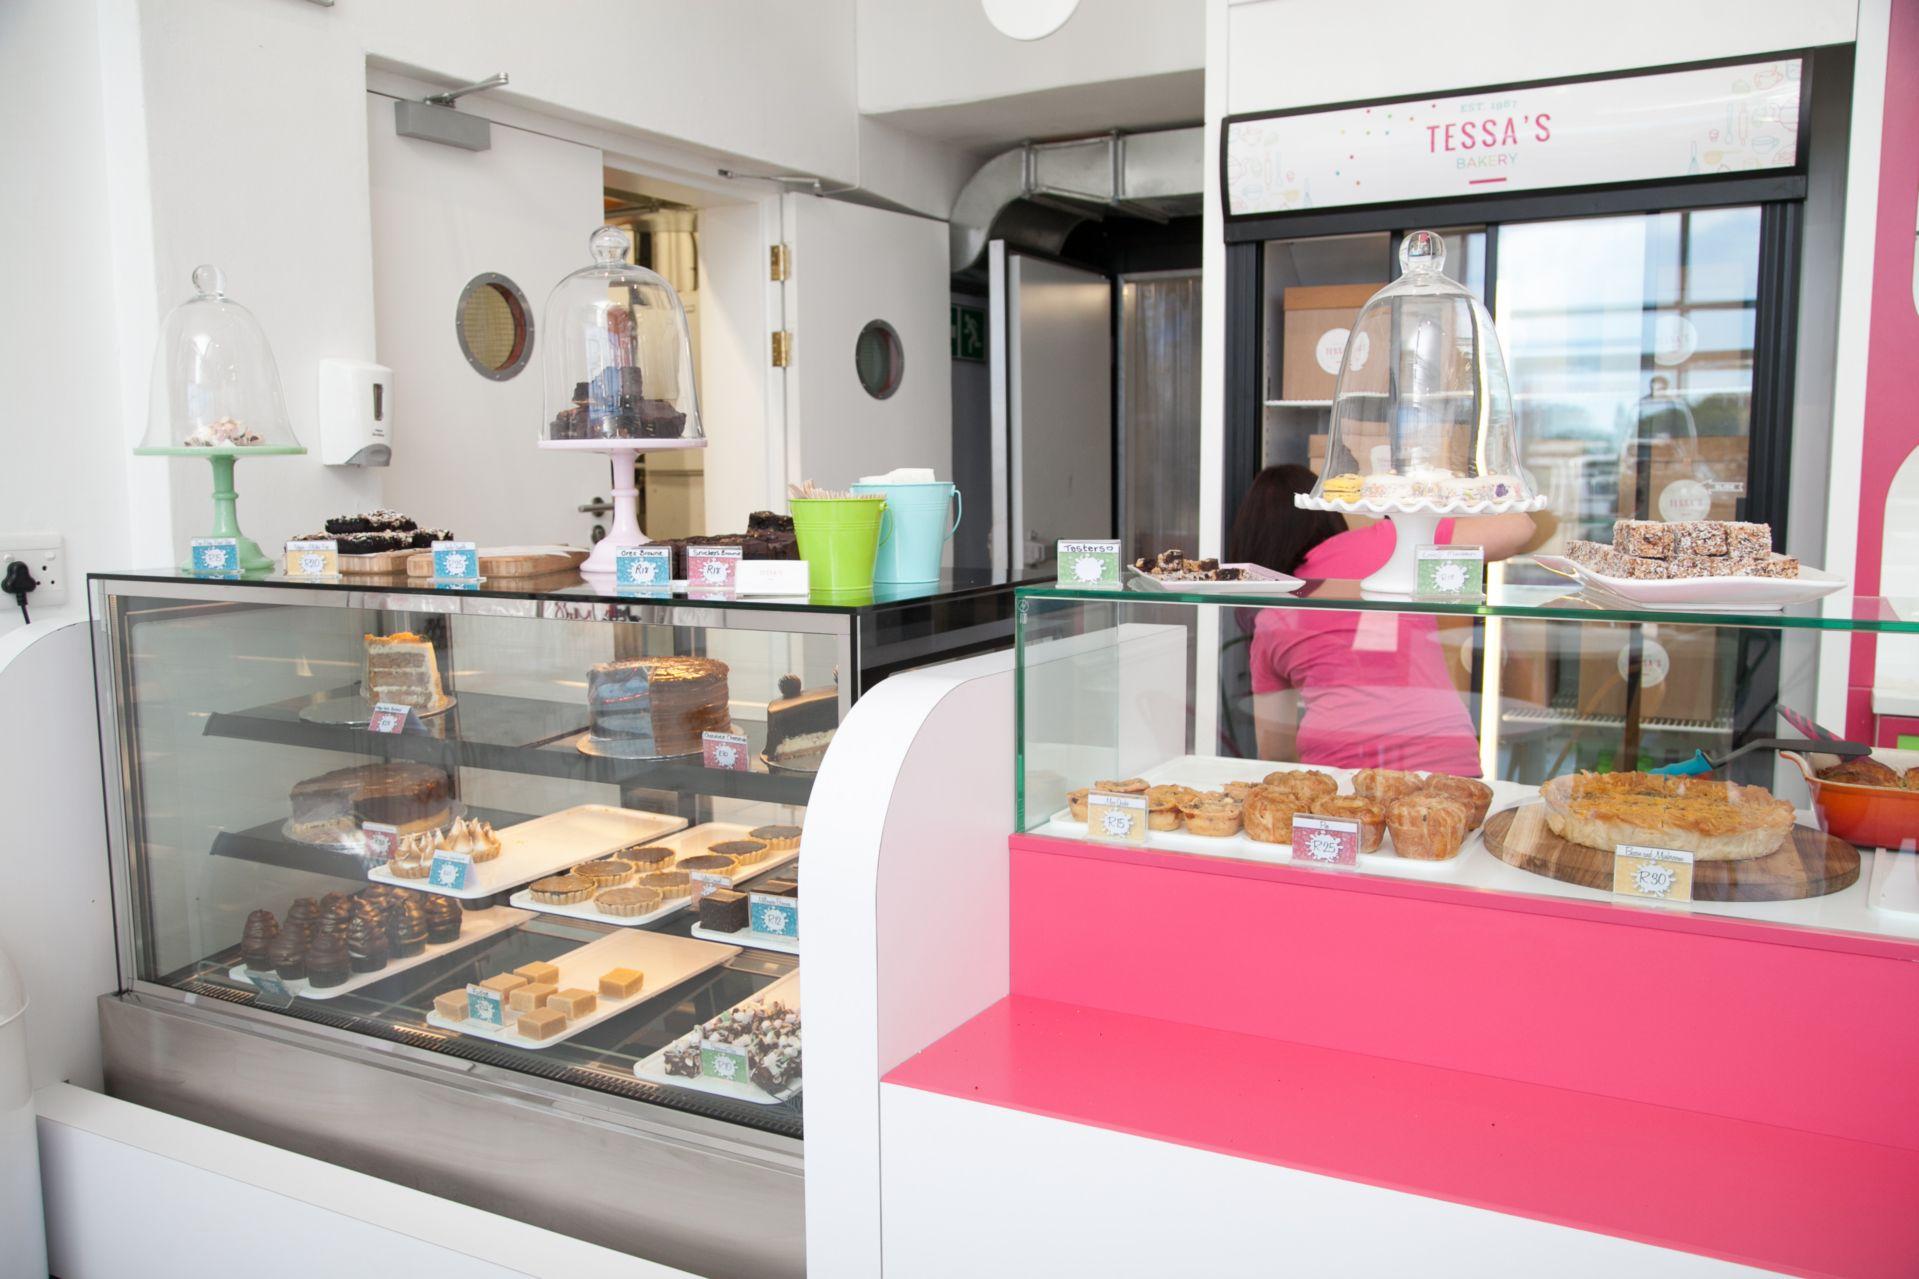 Tessas Bakery_41